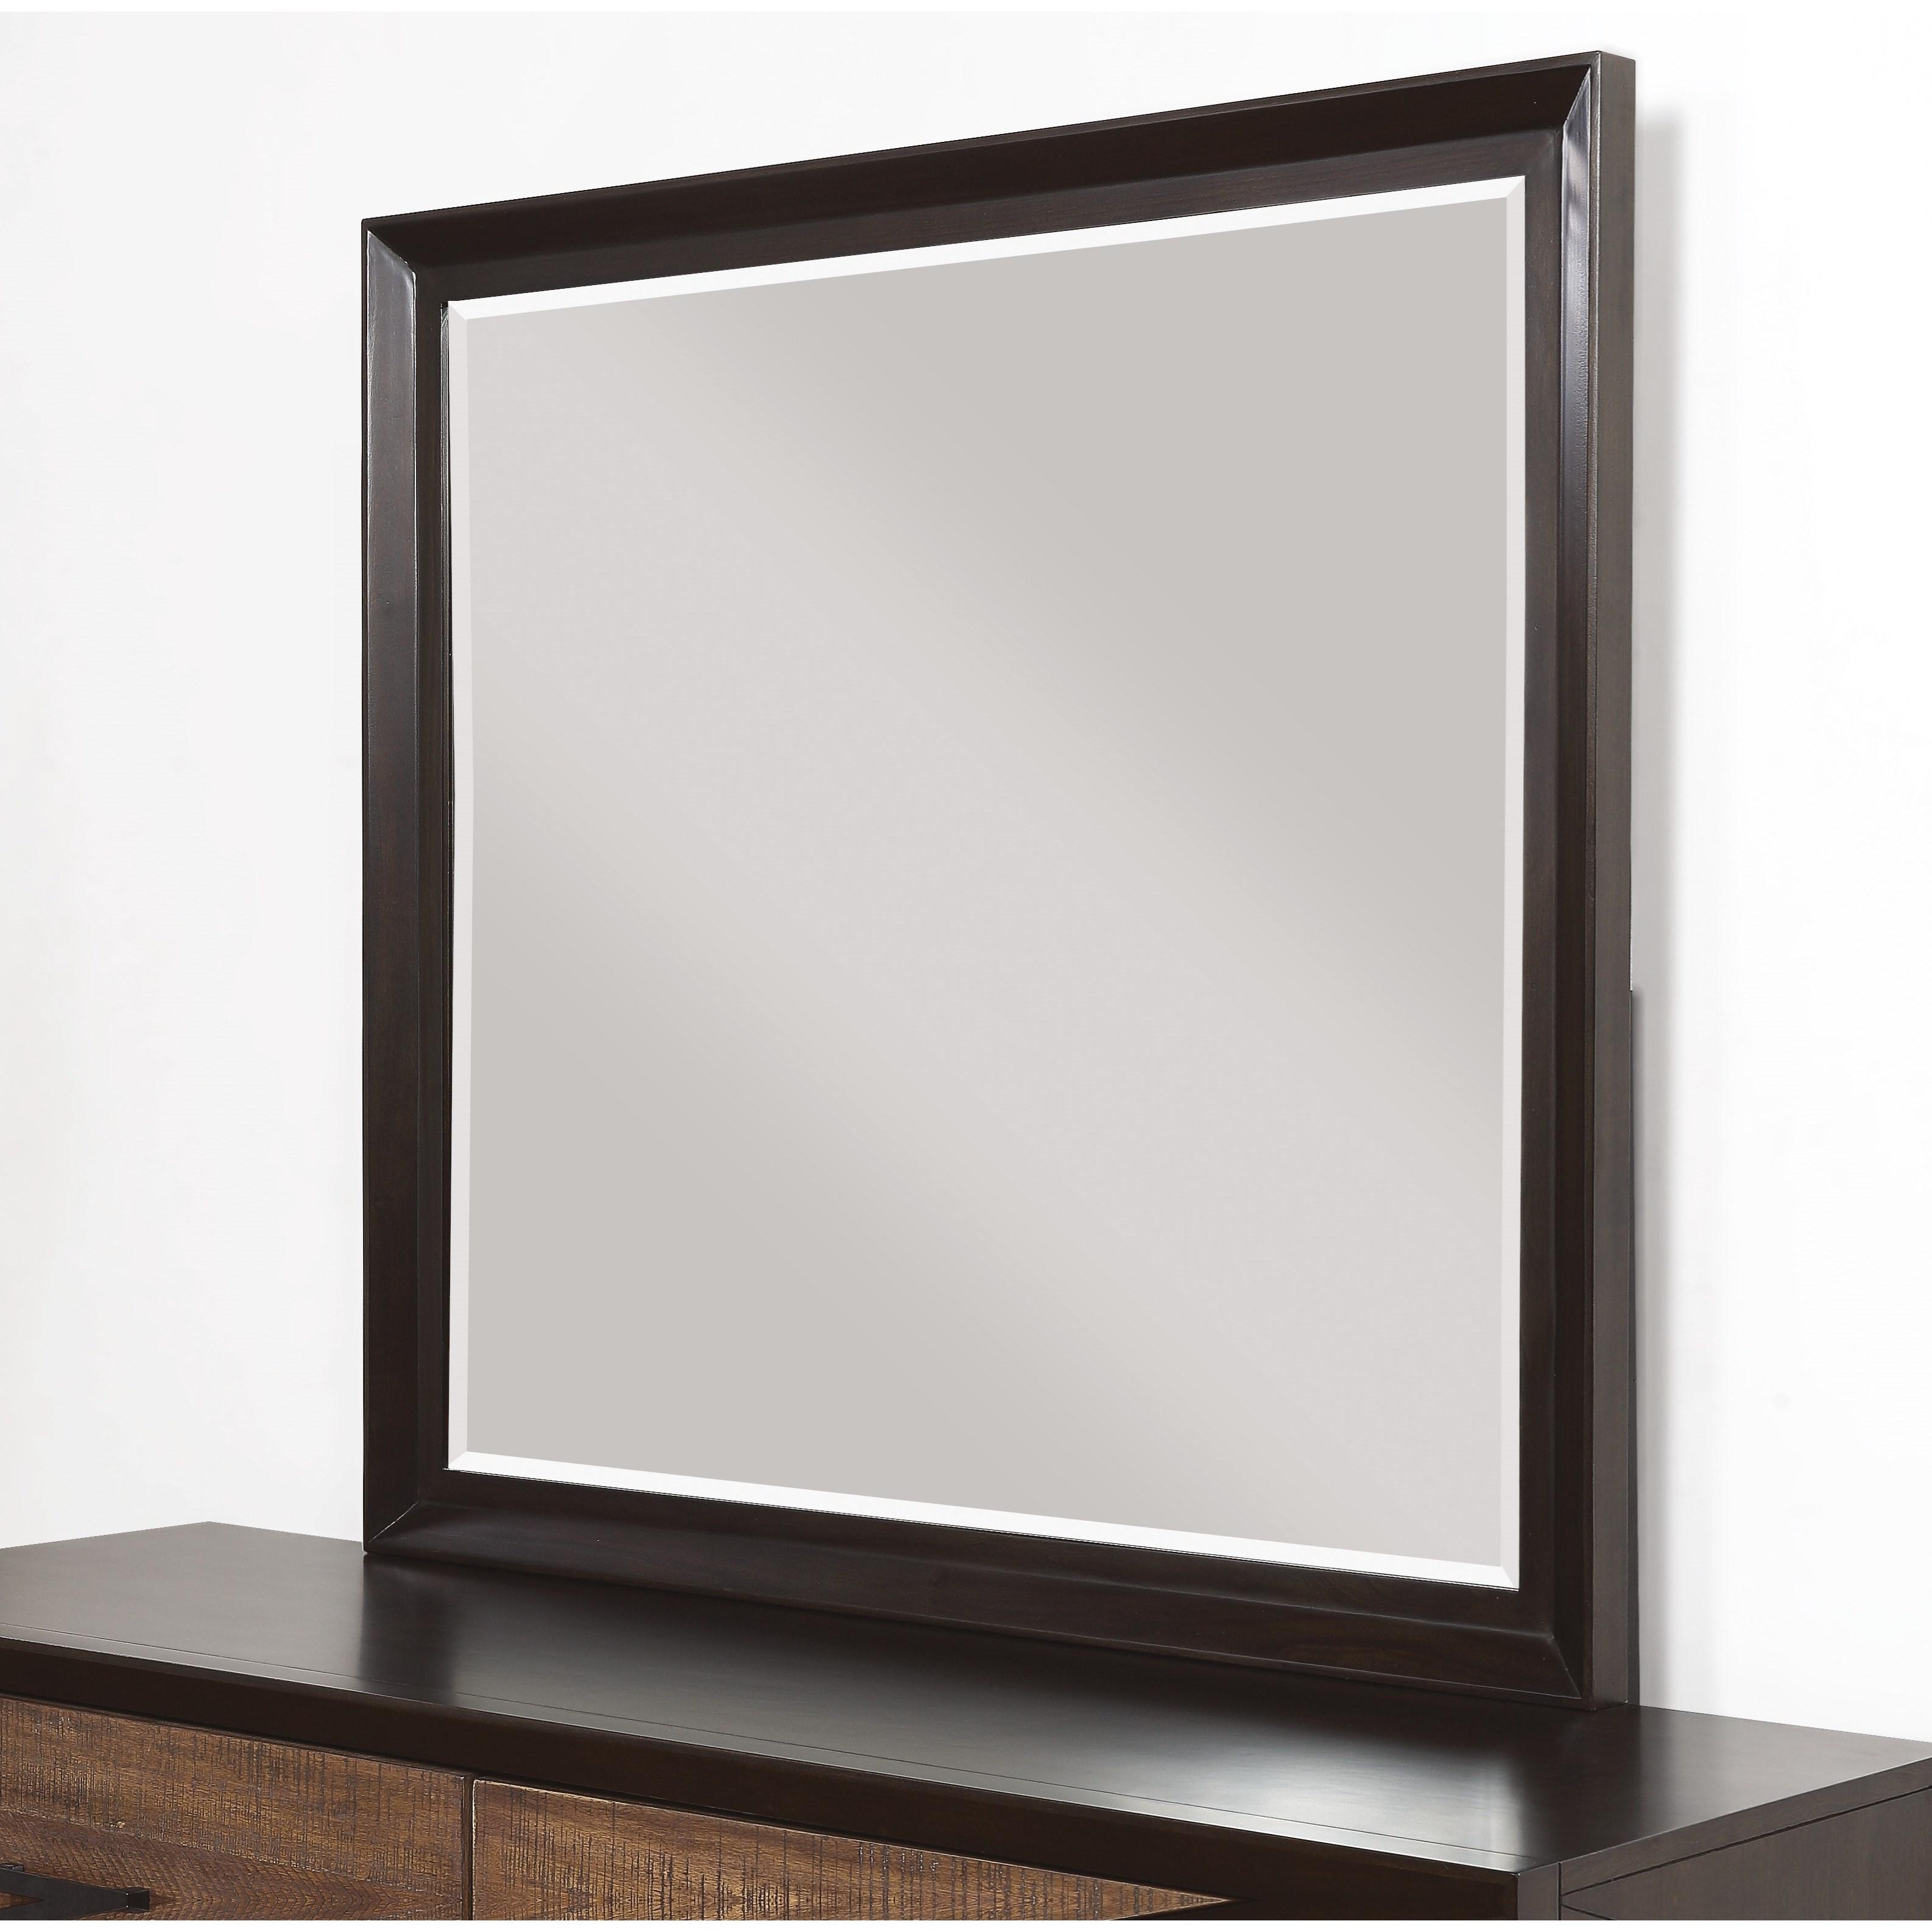 Viking Dresser Mirror by Flexsteel at Crowley Furniture & Mattress